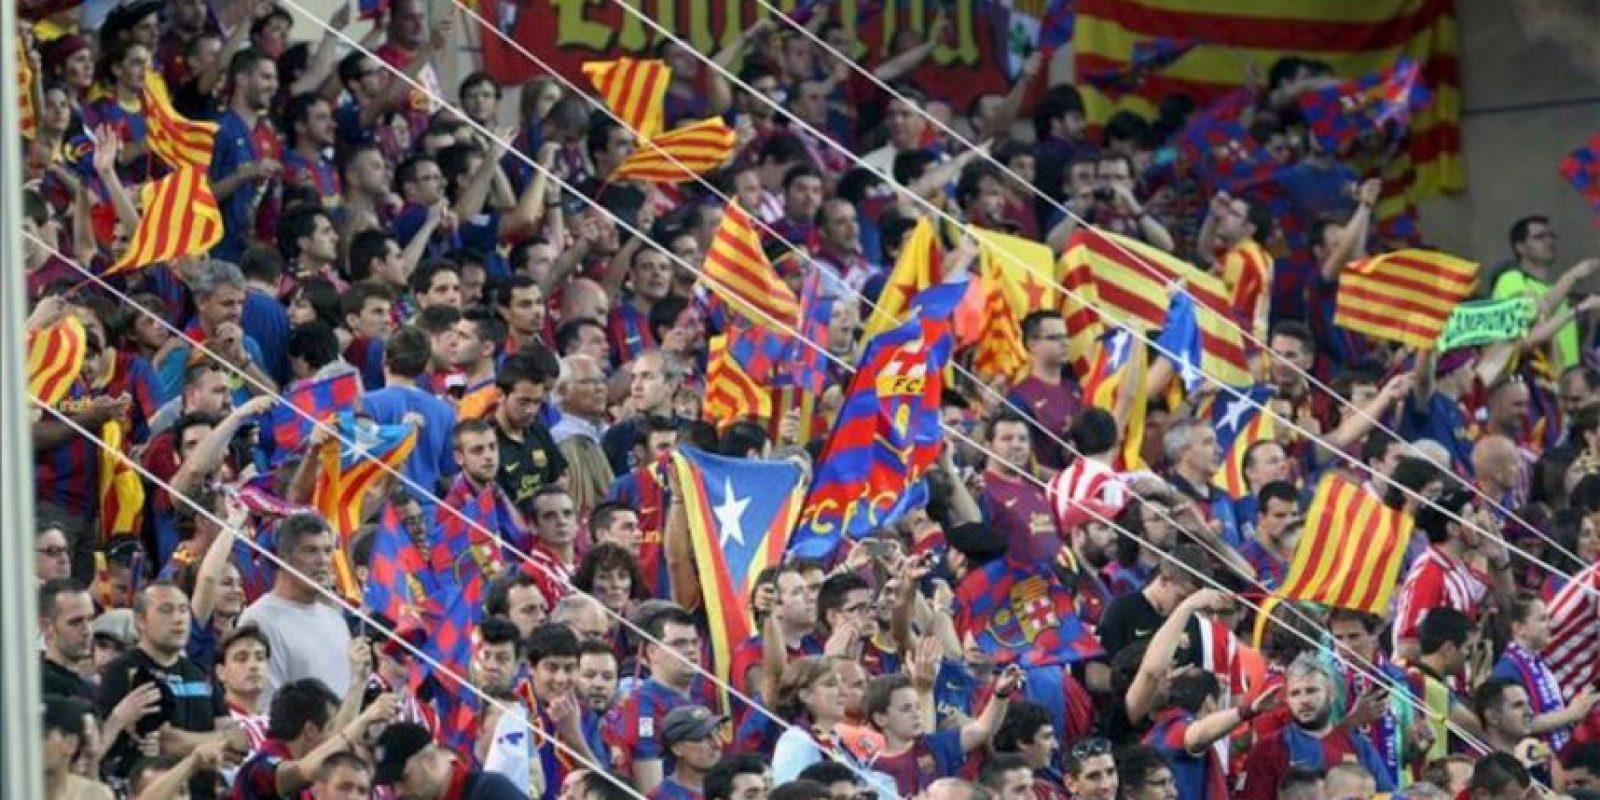 Aficionados del FC Barcelona en el estadio Vicente Calderón de Madrid, antes del inicio de la final de la Copa del Rey de fútbol. EFE